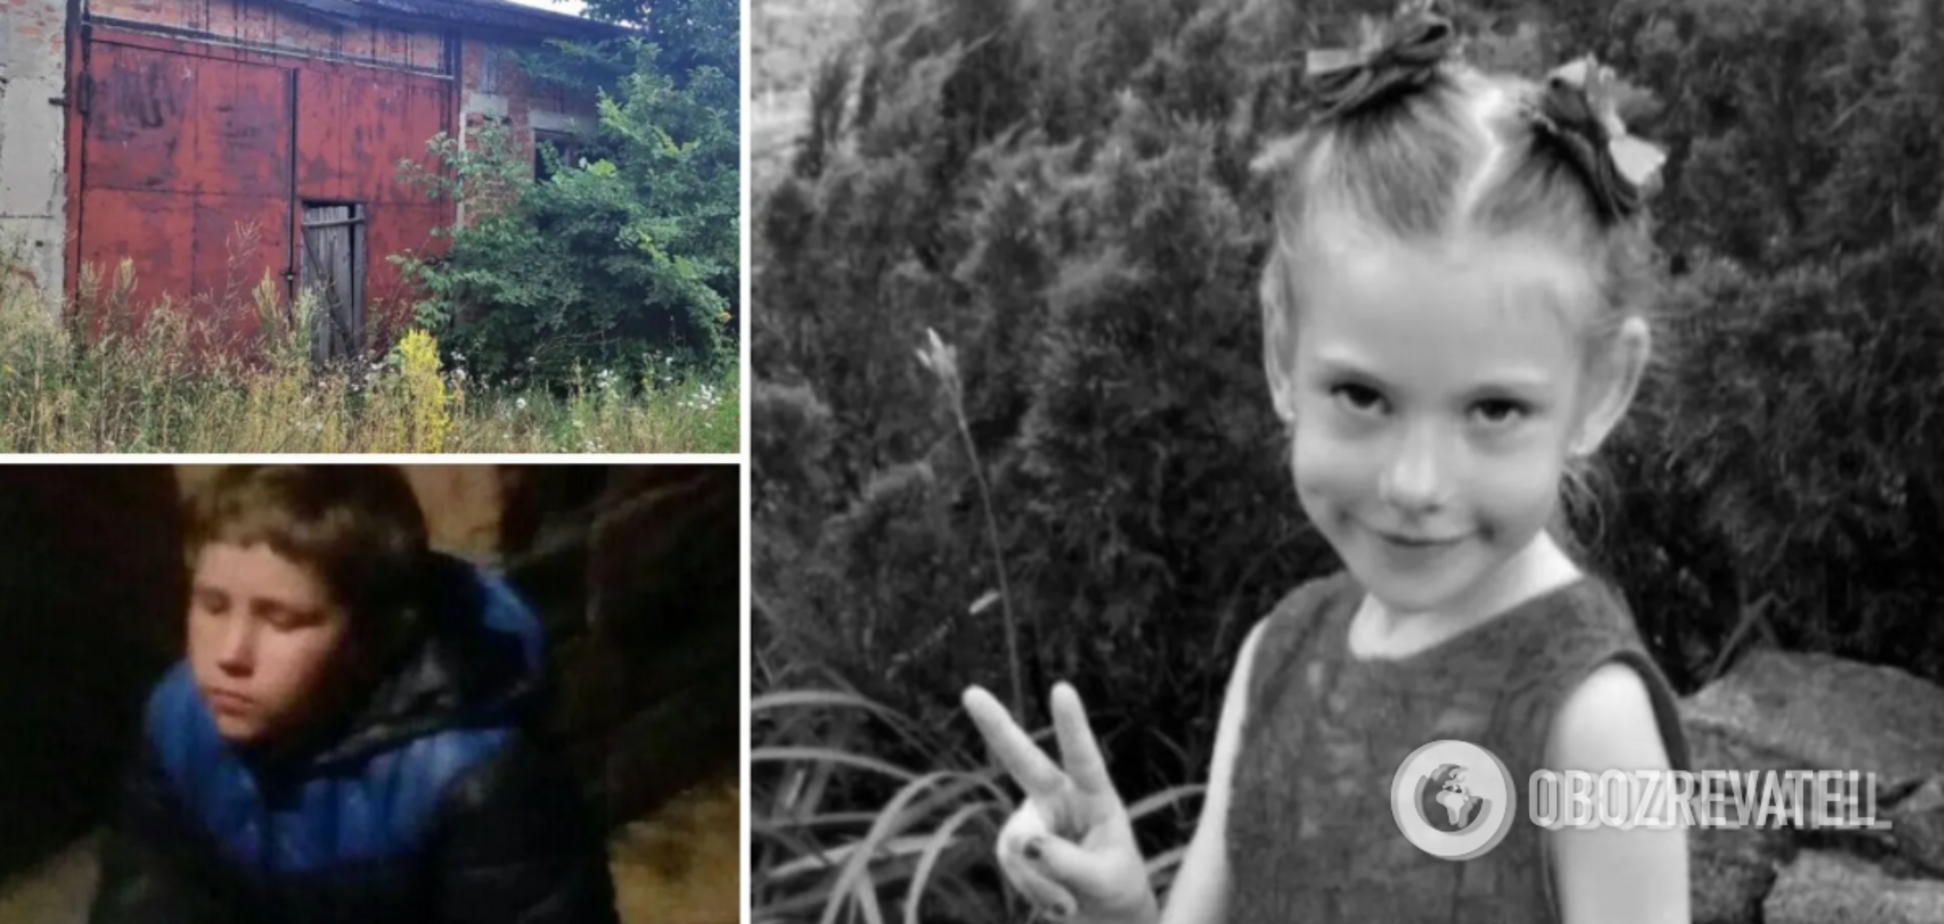 Мать боится самосуда, а подросток вину отрицает: выяснились новые детали в деле об убийстве девочки на Харьковщине